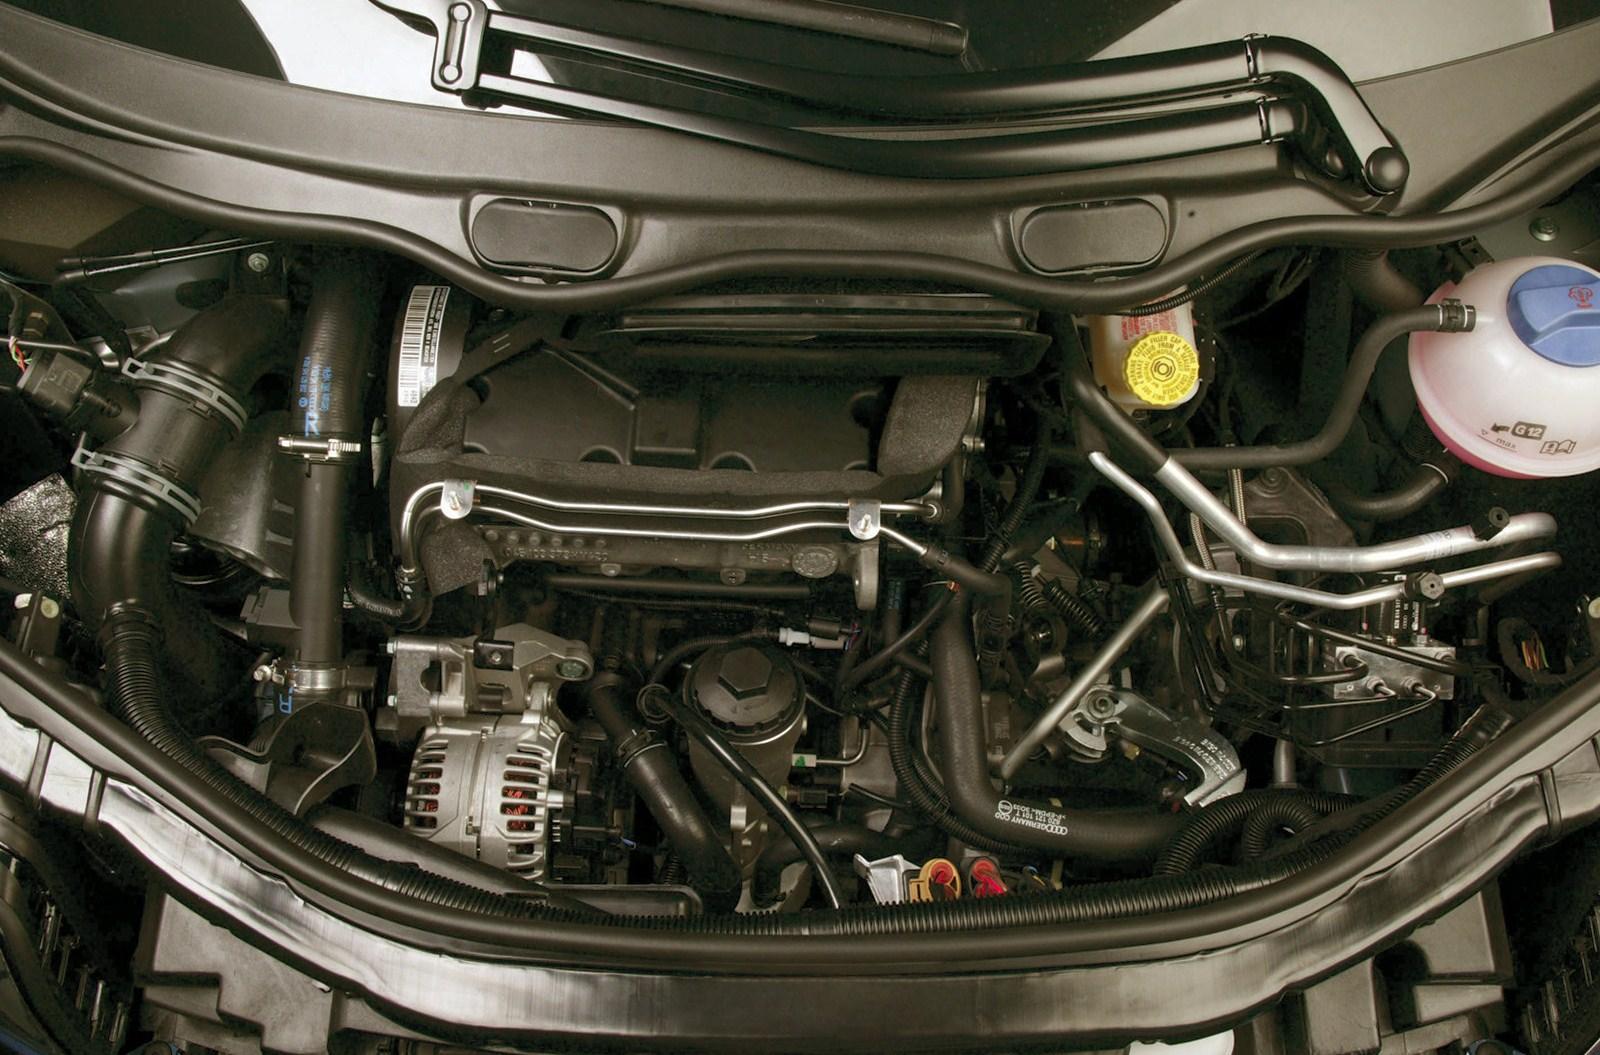 http://4.bp.blogspot.com/_sRGU_JXOz6E/TSiJReGDpmI/AAAAAAAABEM/NkumO08_BKI/s1600/Audi-A2_2003_1600x1200_wallpaper_engine+21.jpg